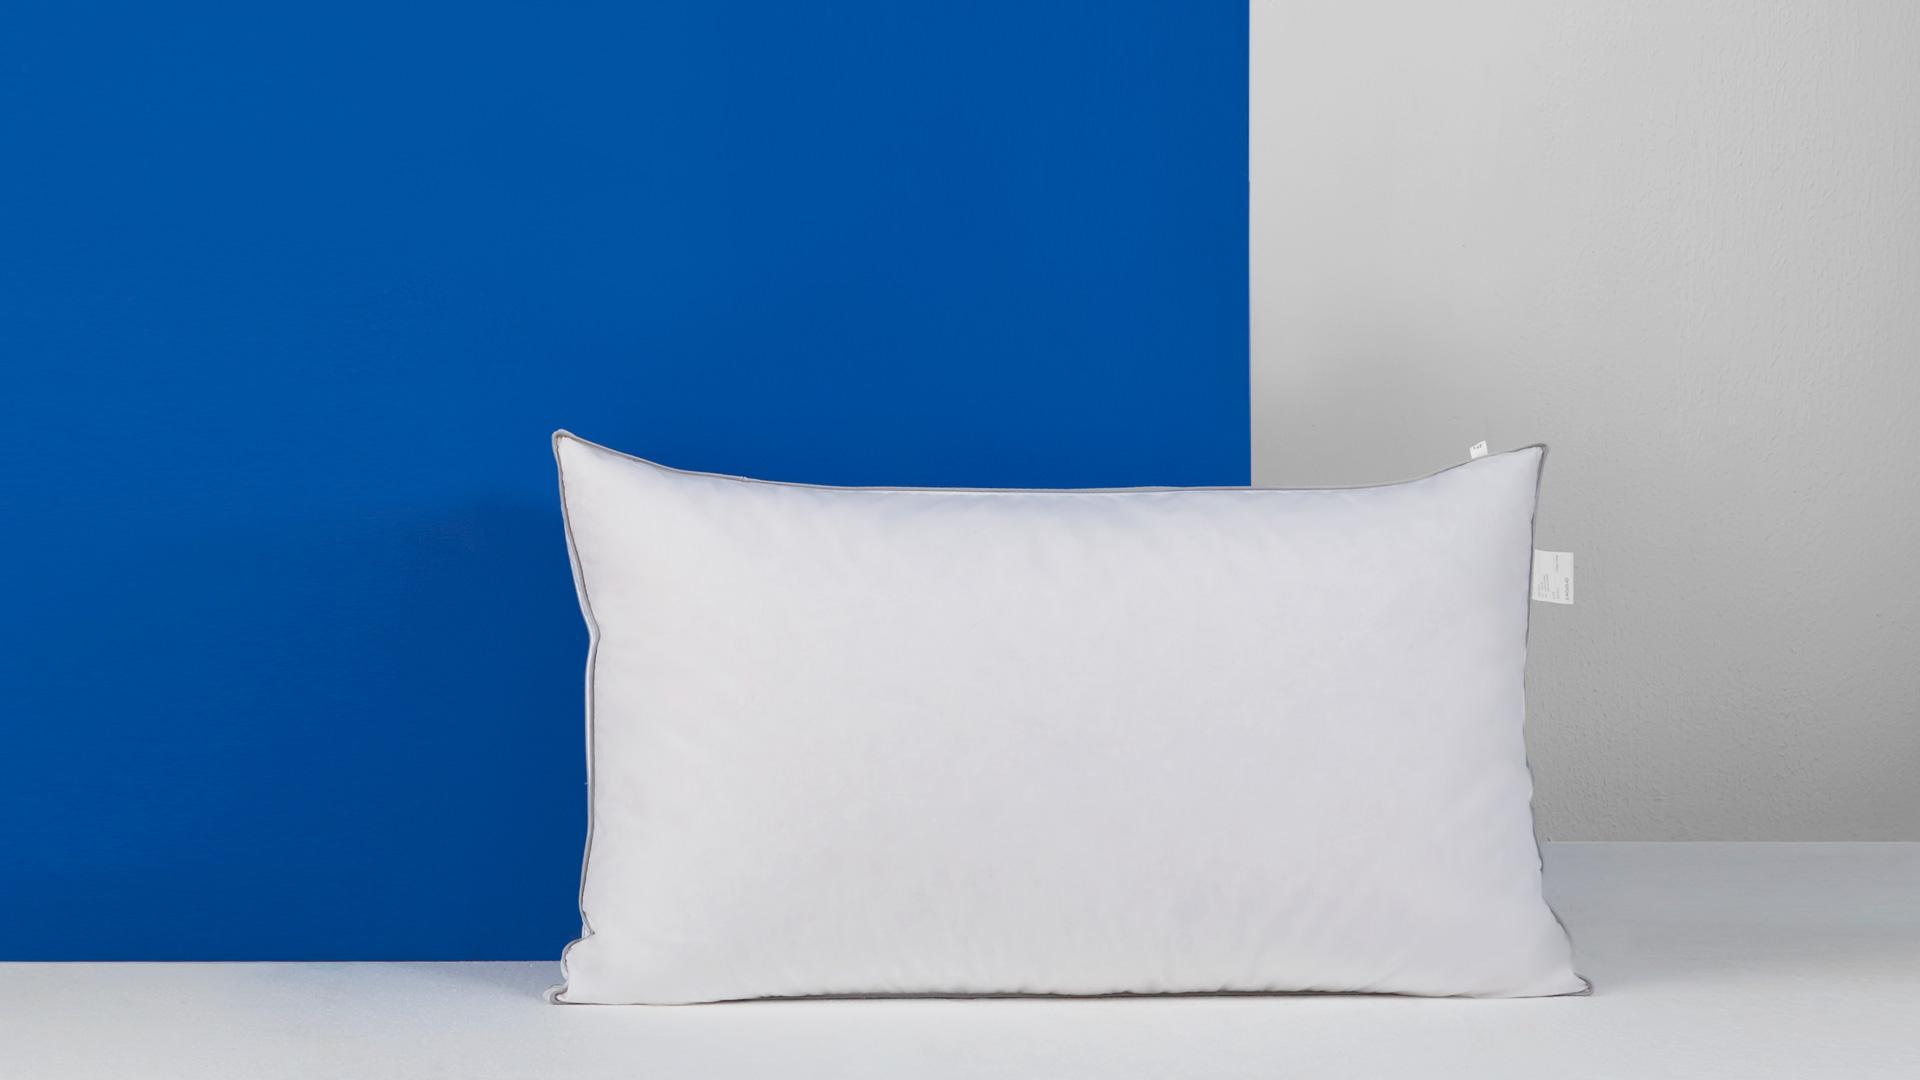 一款怎样设计的枕芯,能同时满足松软透气的肌肤触感,以及放松颈椎疲倦的双重需求呢?我们在鸭绒与鸭毛的内外双层填充的包裹结构里,找到了完美答案。